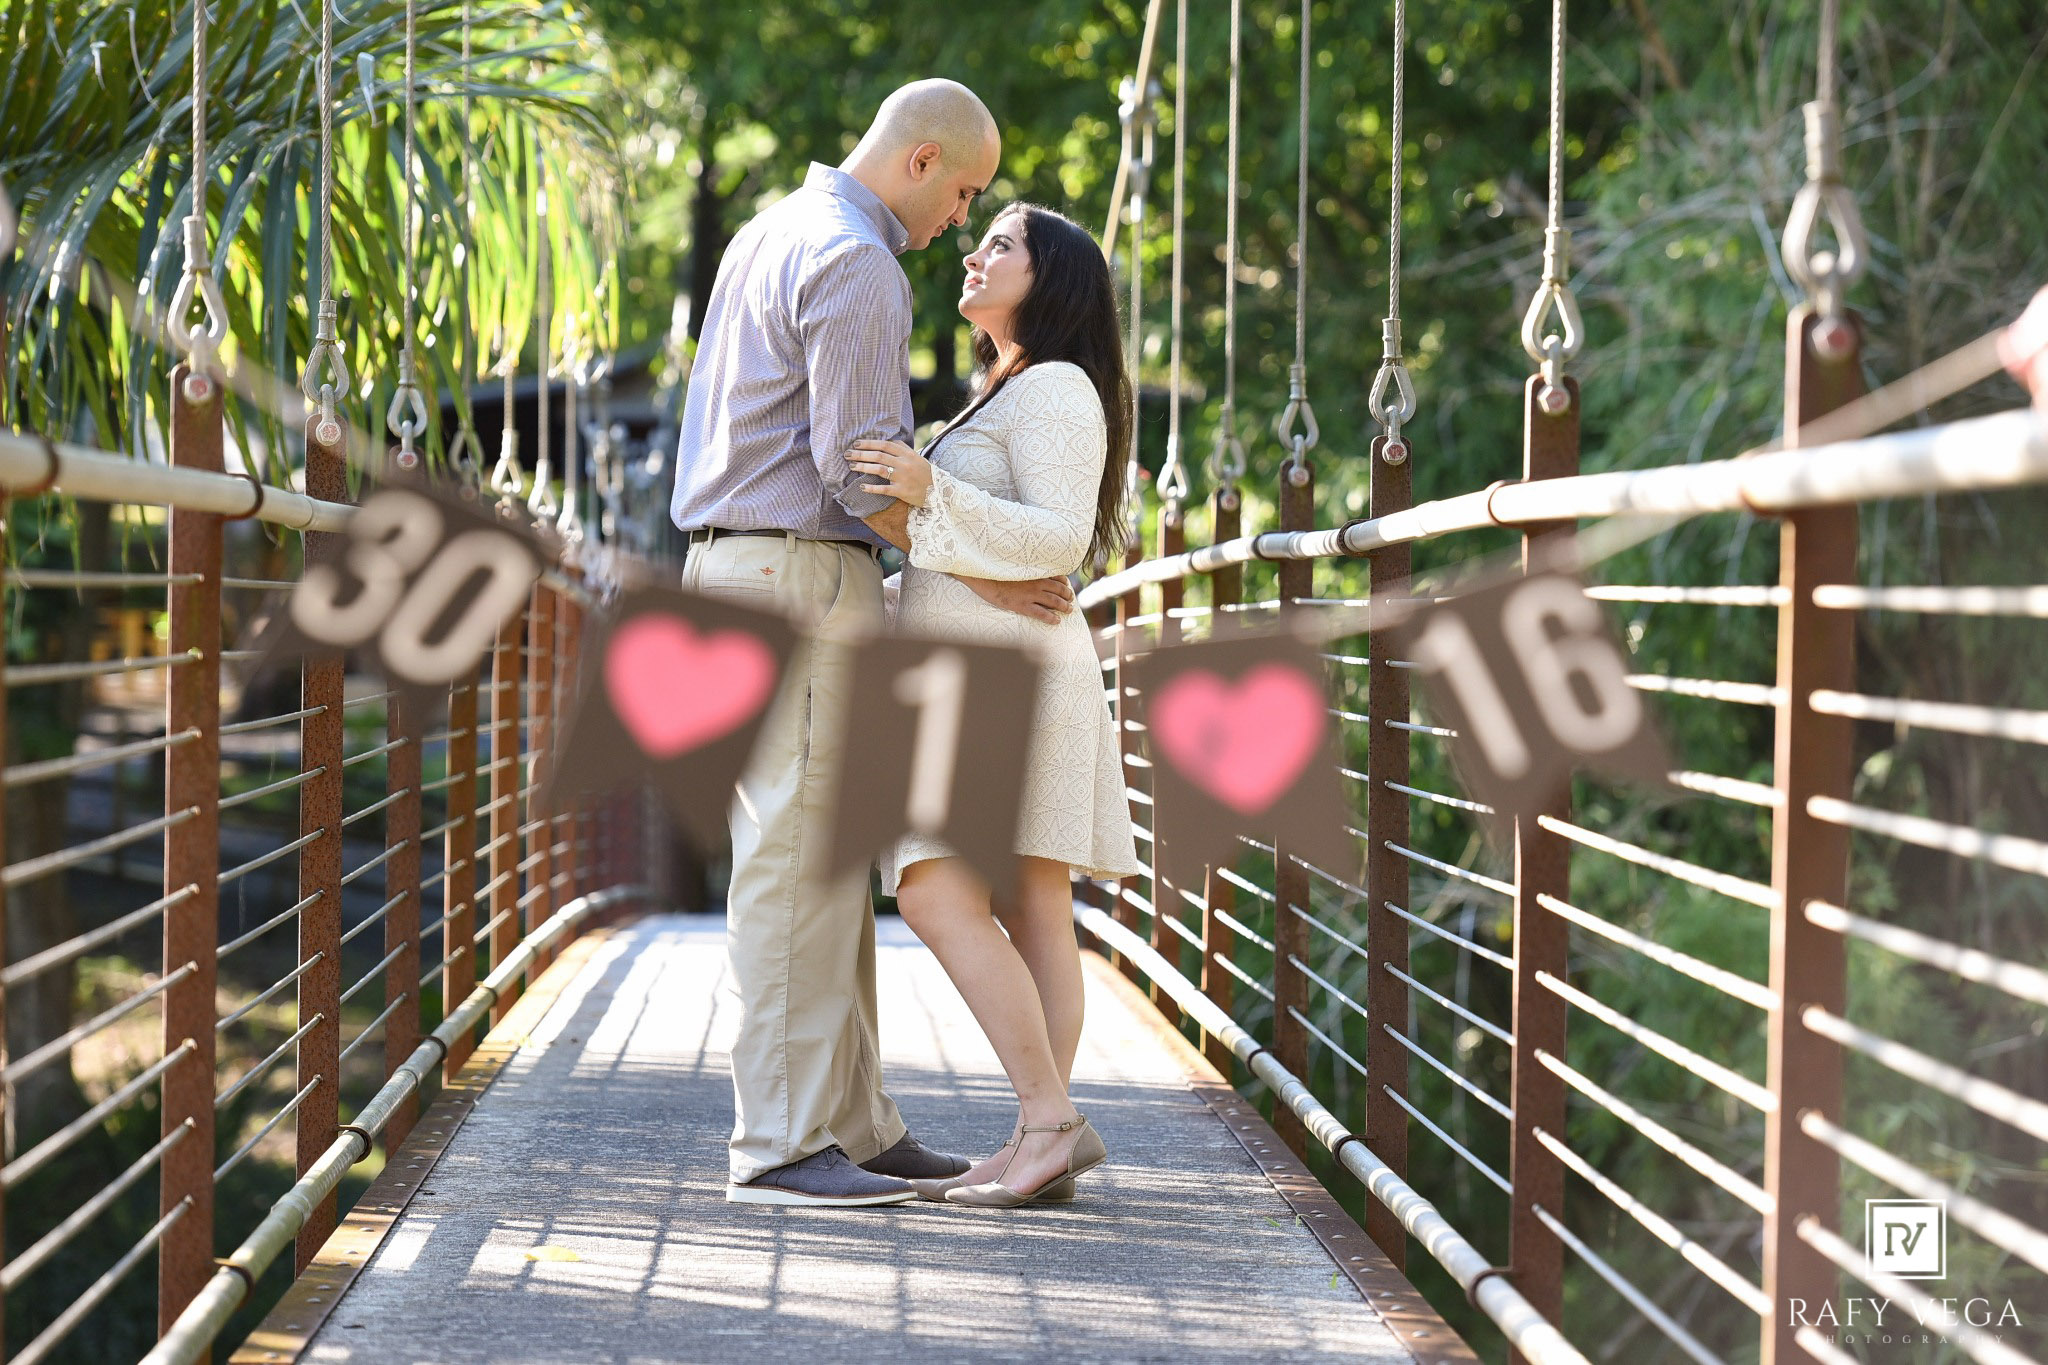 Love story en el jard n bot nico de caguas puerto rico for Actividades en el jardin botanico de caguas